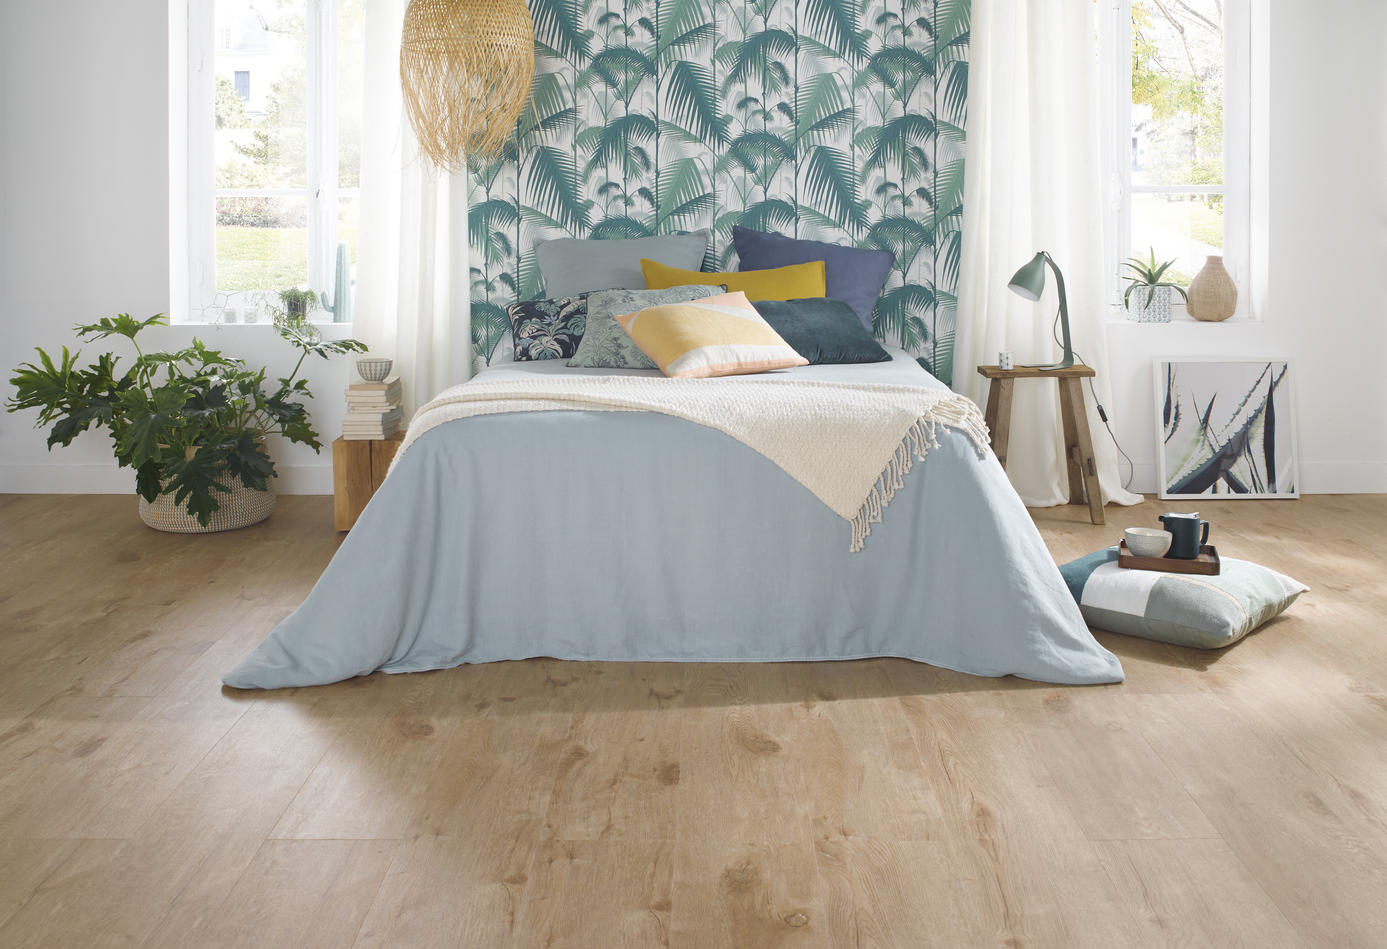 Vælg det rigtige gulv - Gulve til alle rum og smag